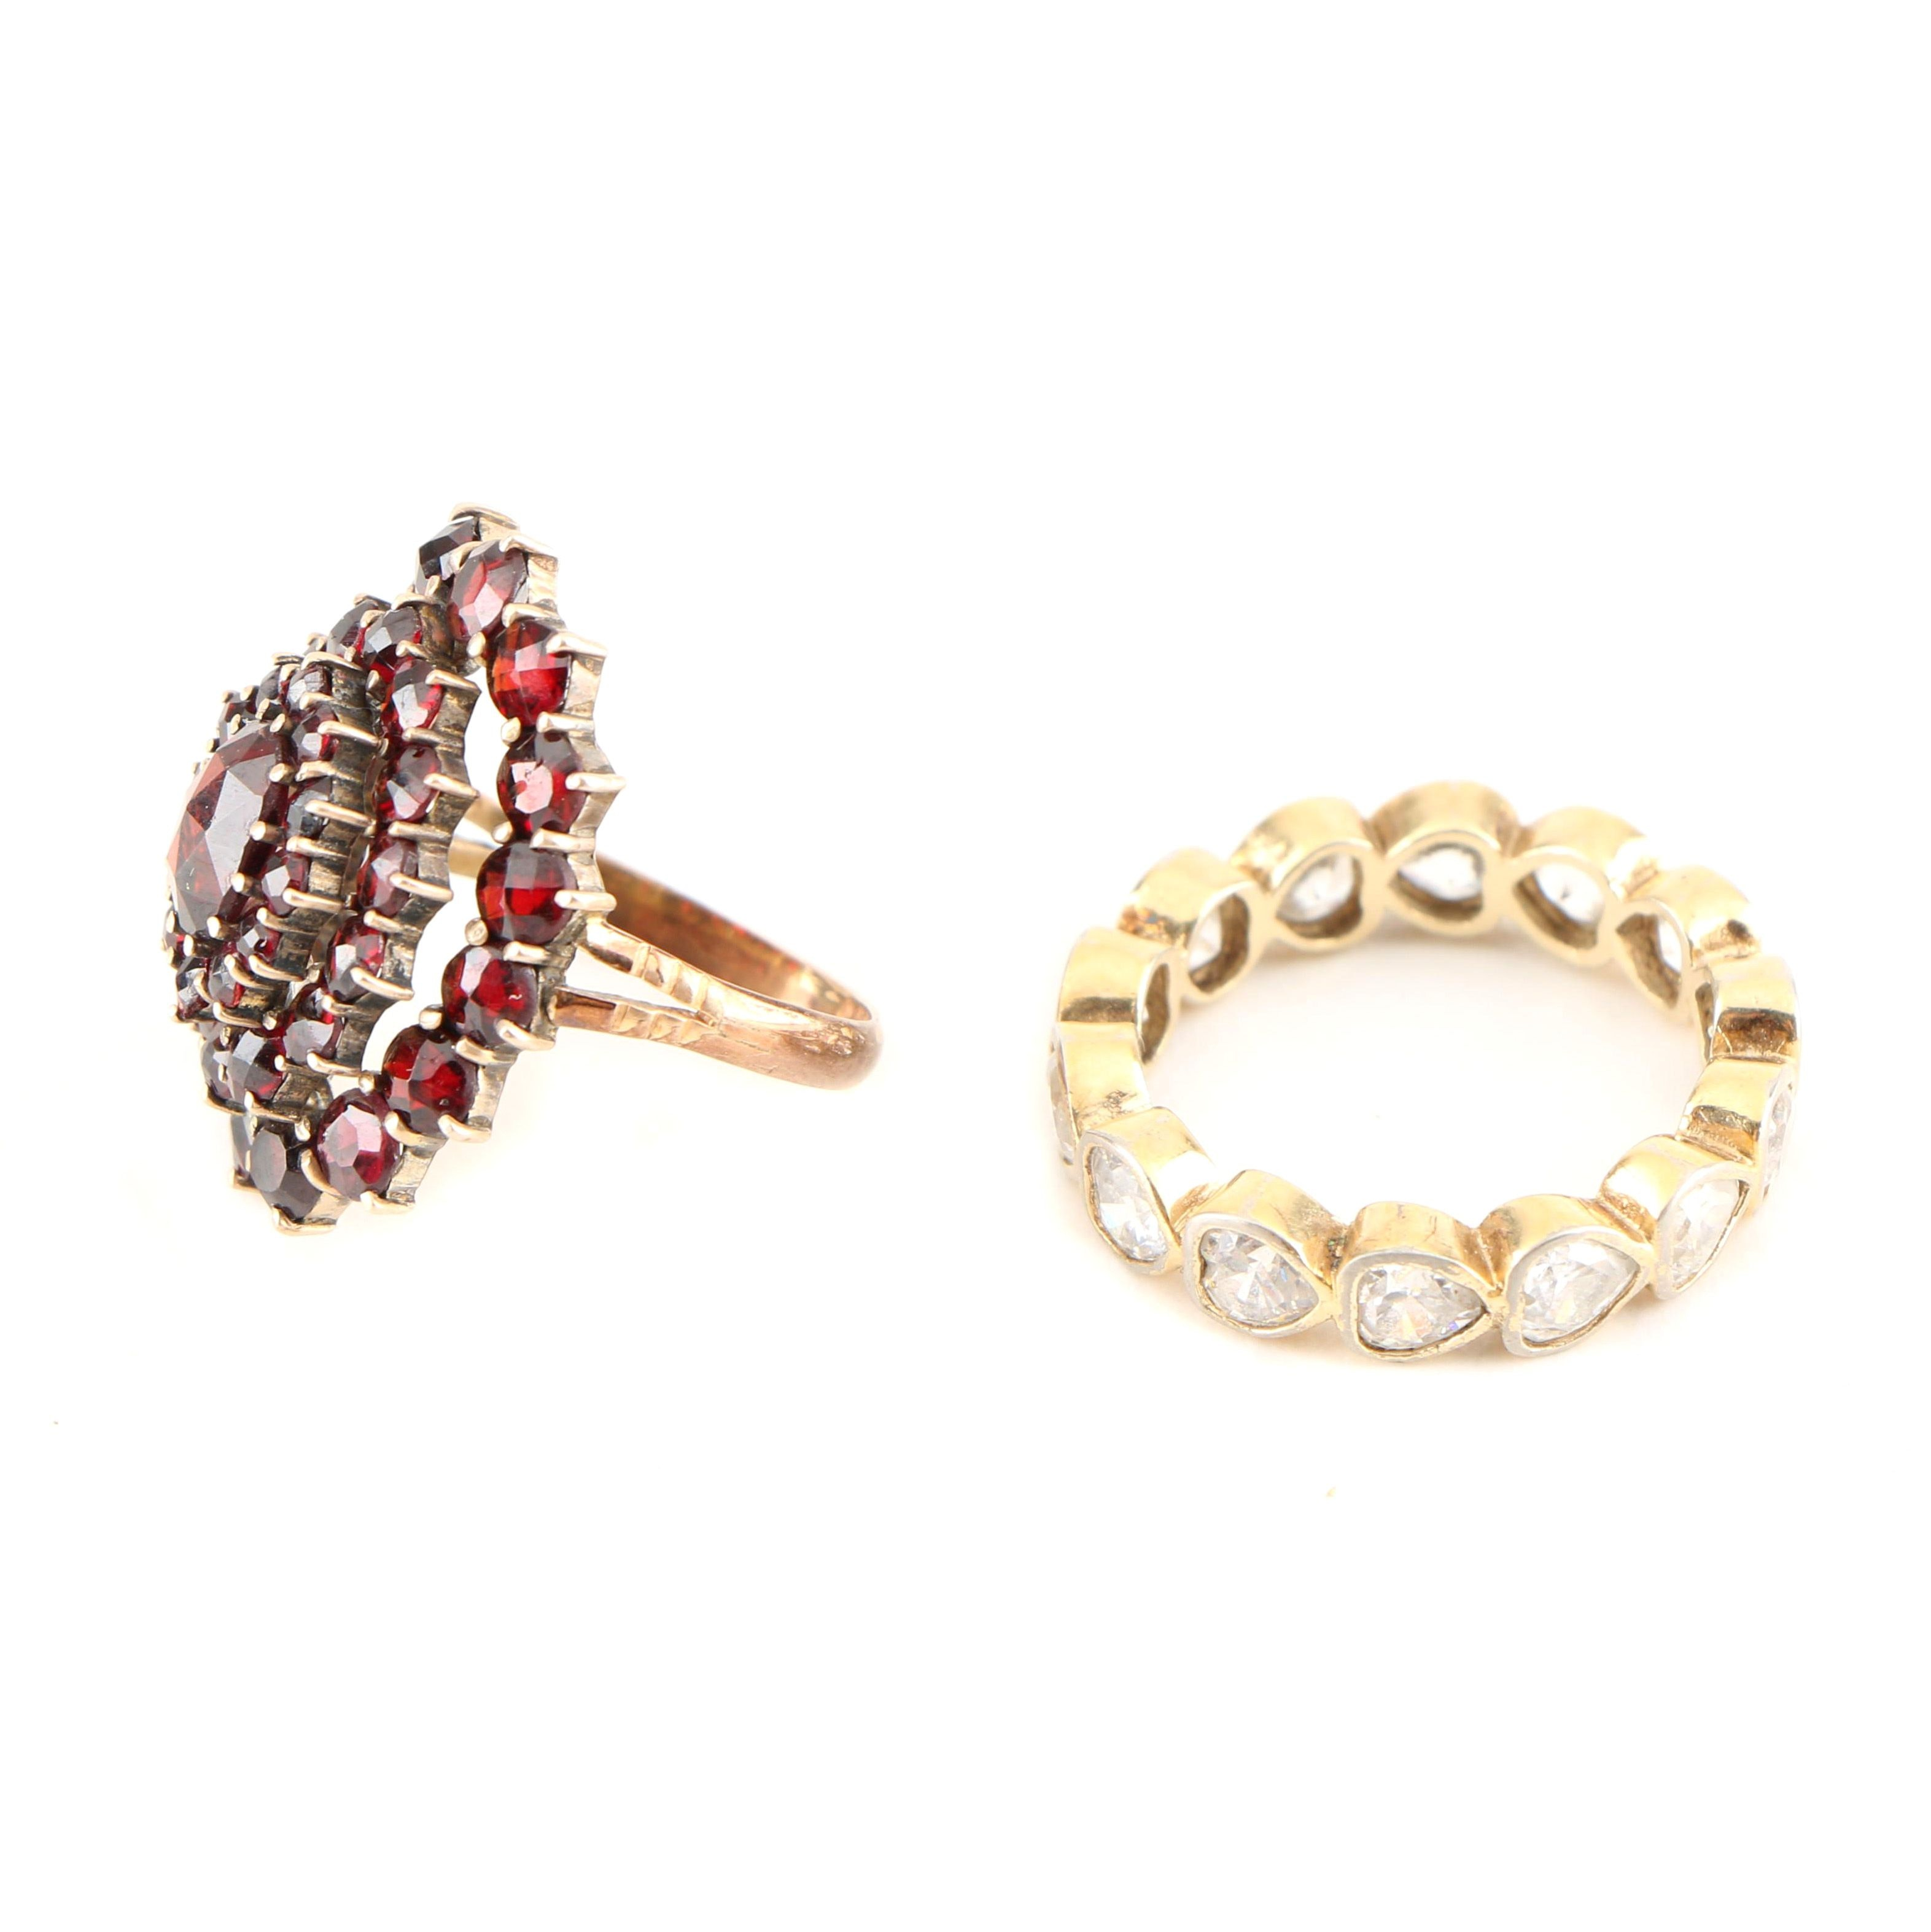 Vintage Costume Gemstone Rings